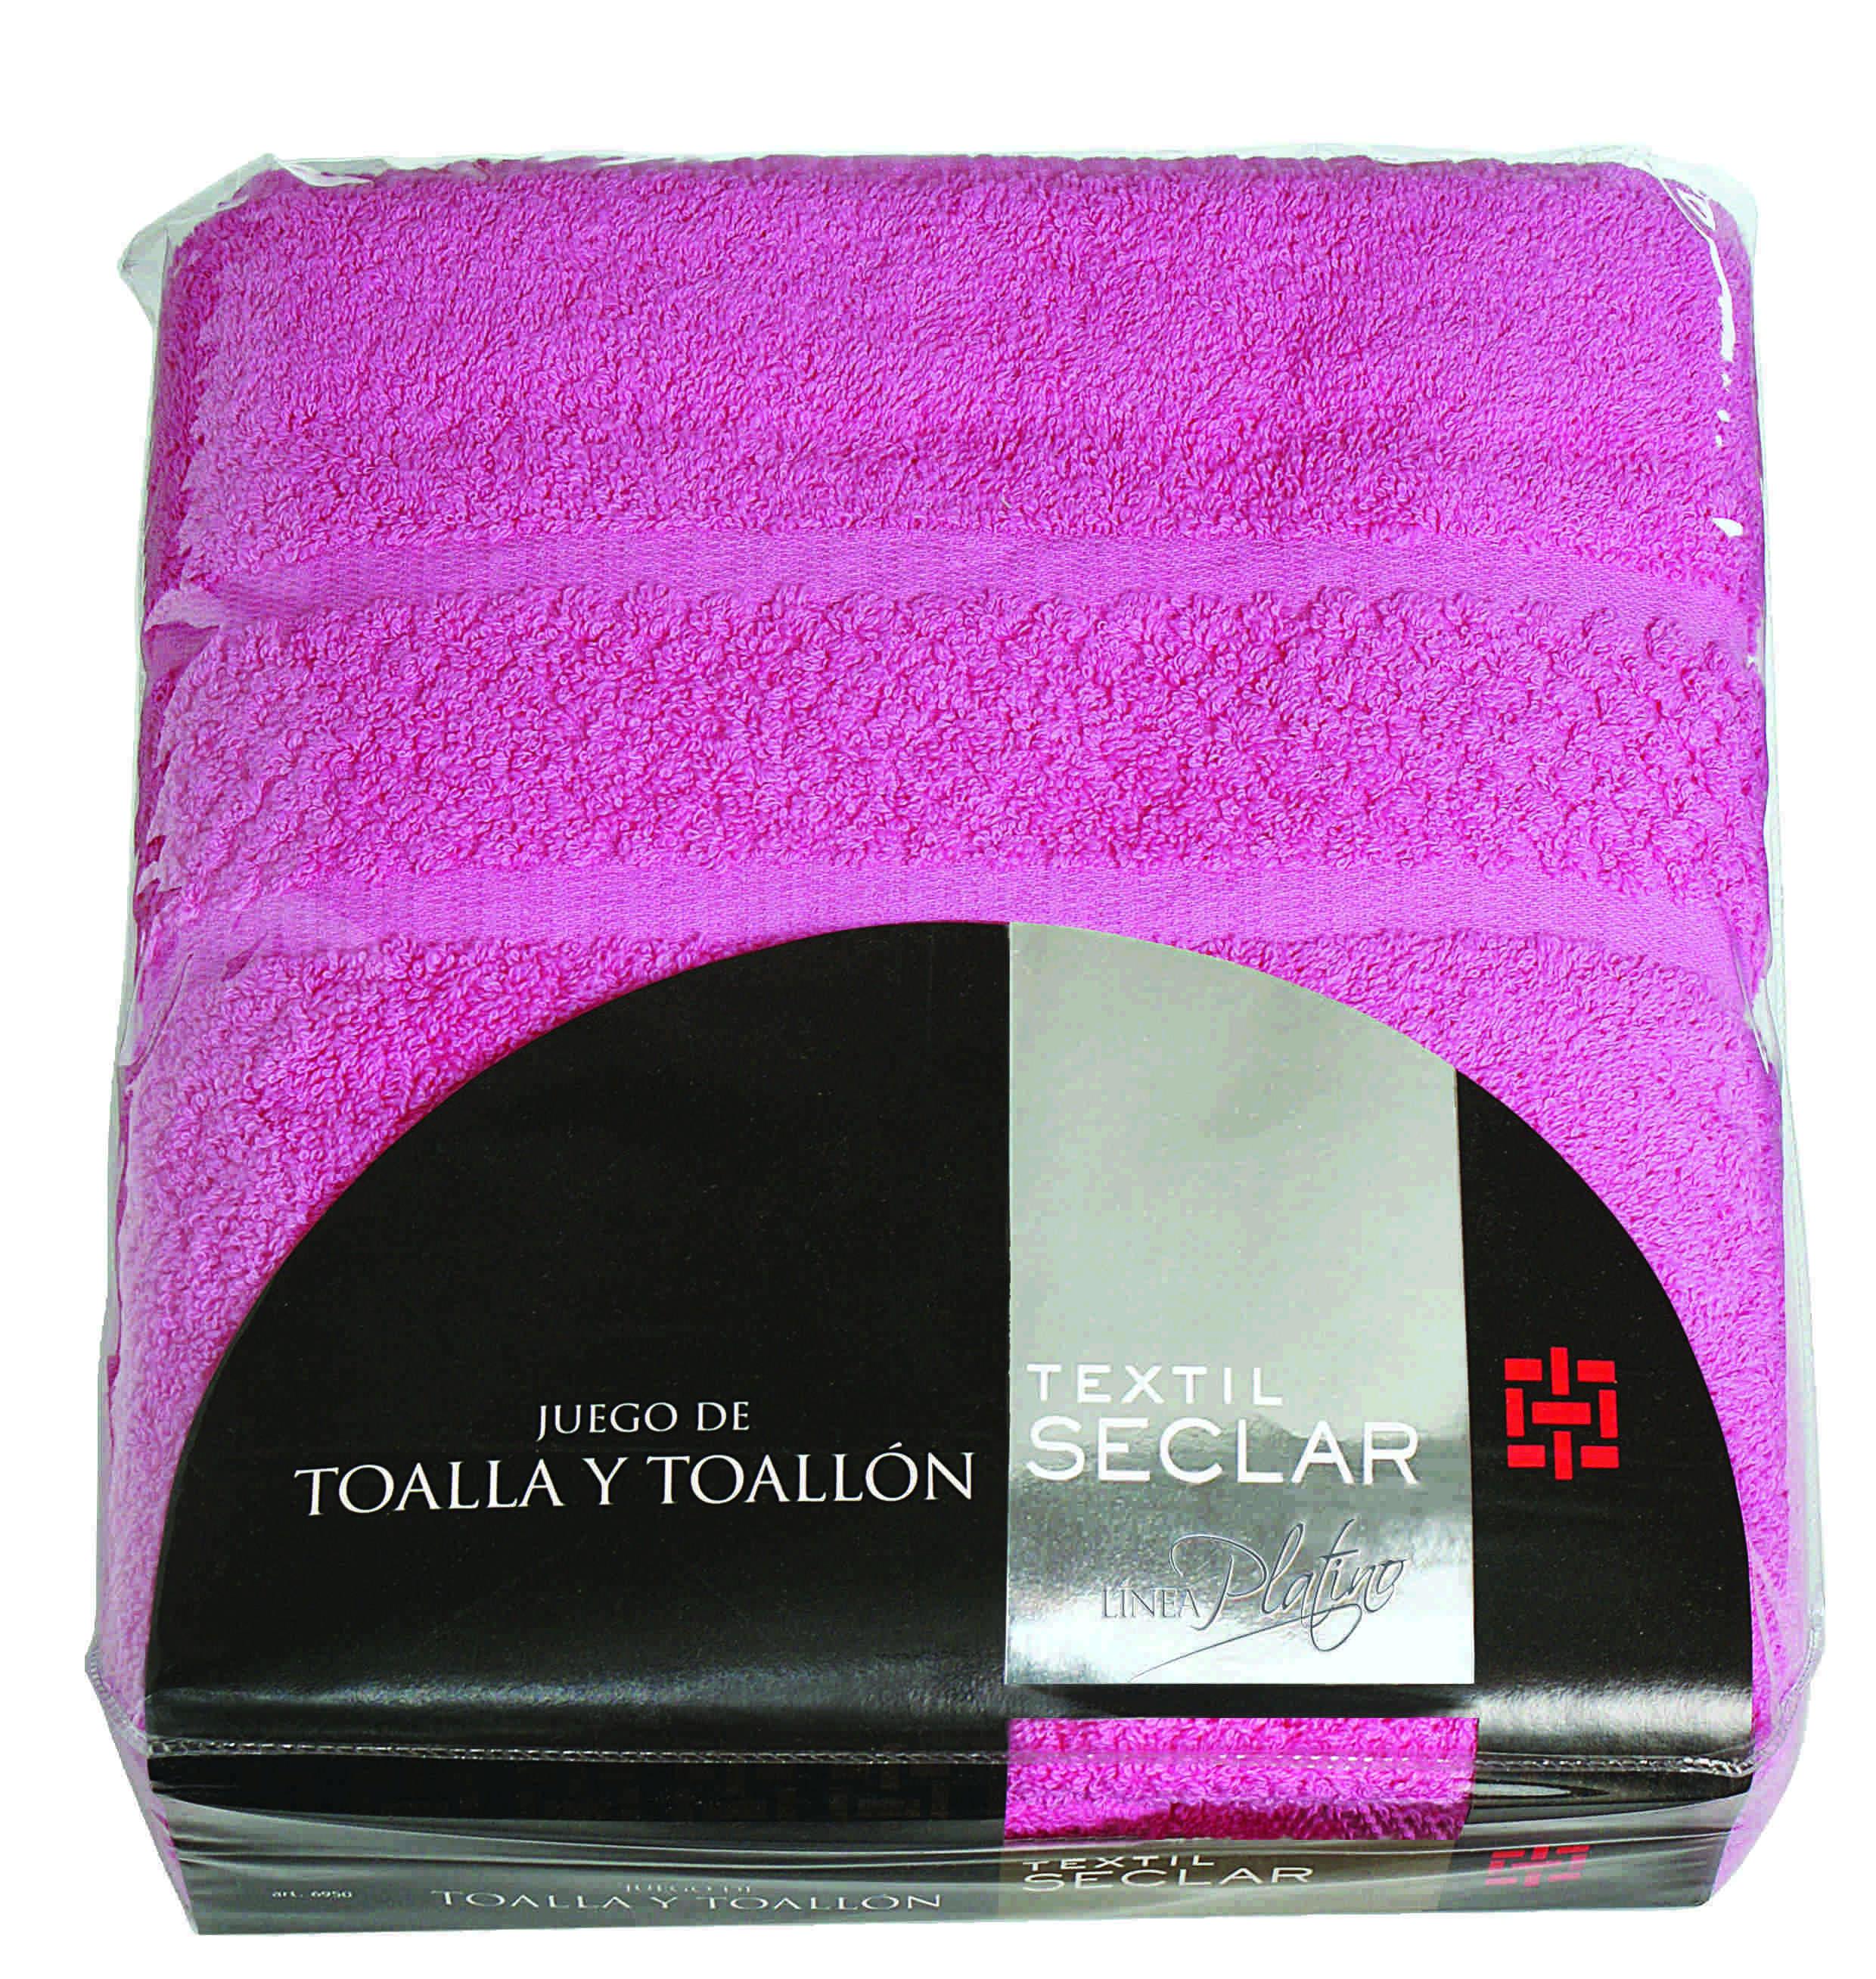 juego de toalla y toallon